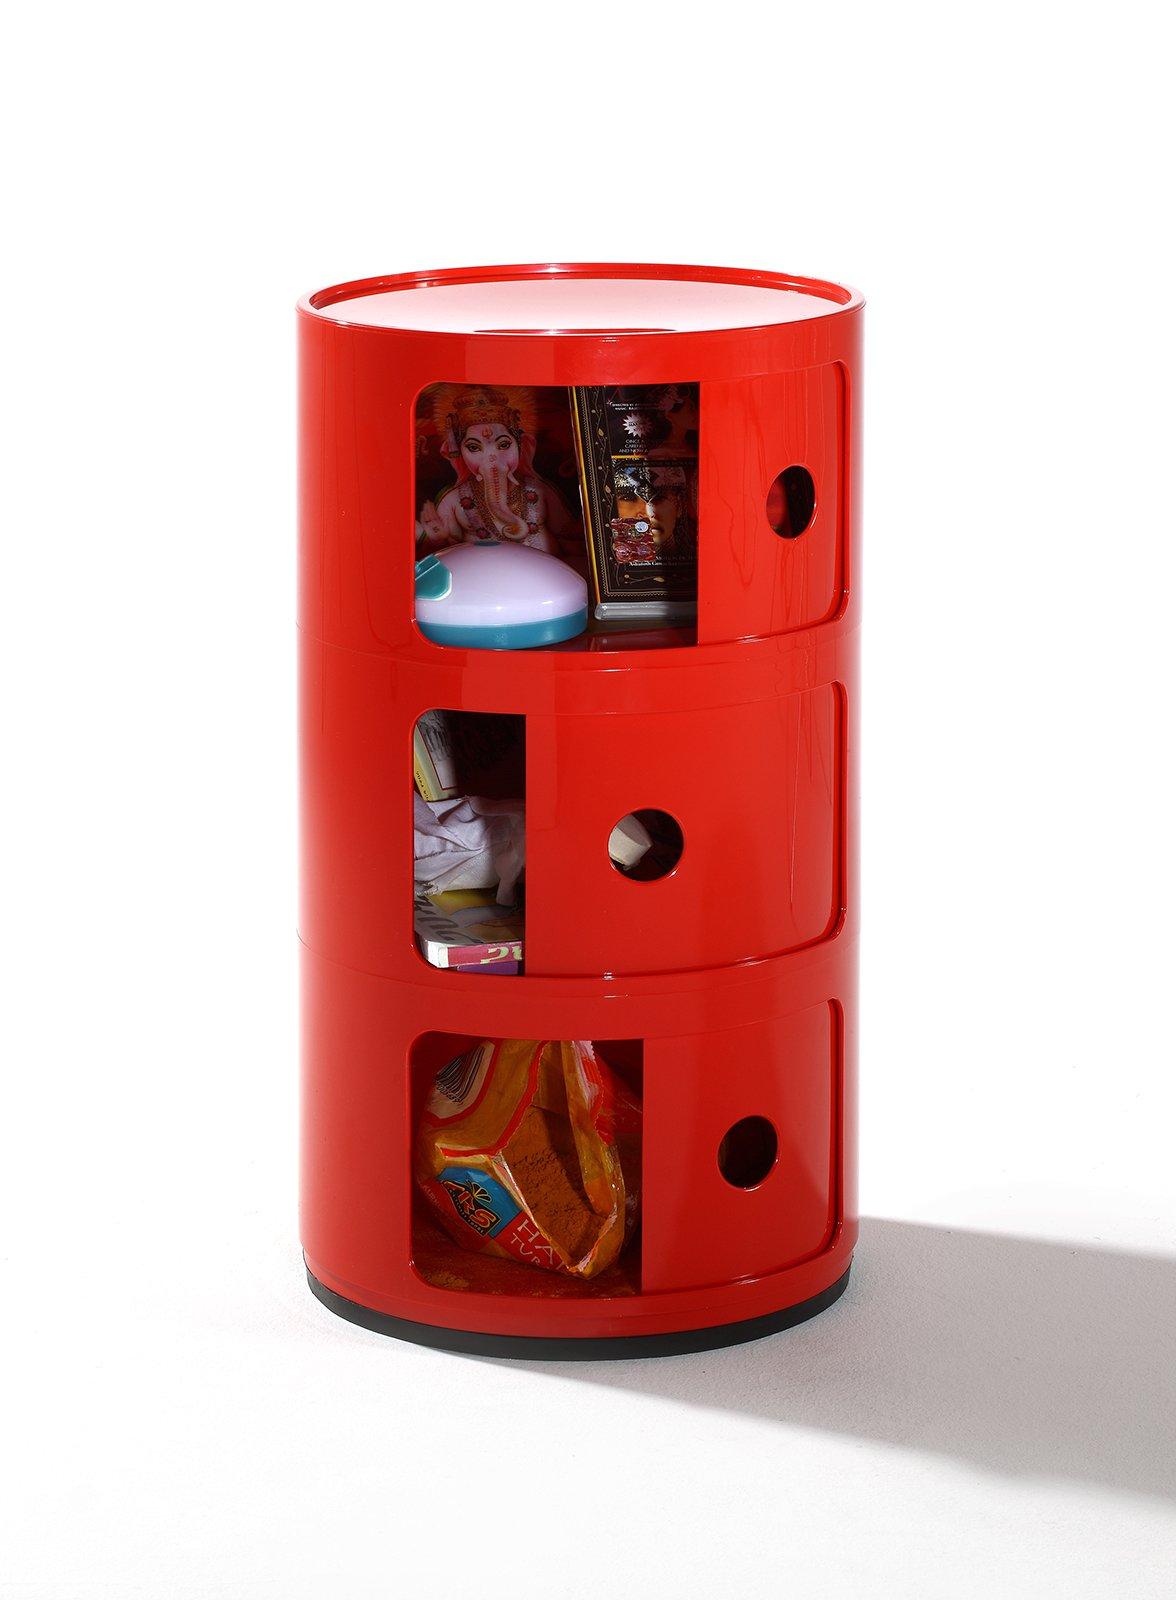 Design in regalo la bellezza per tutti a costo contenuto for Oggetti design regalo